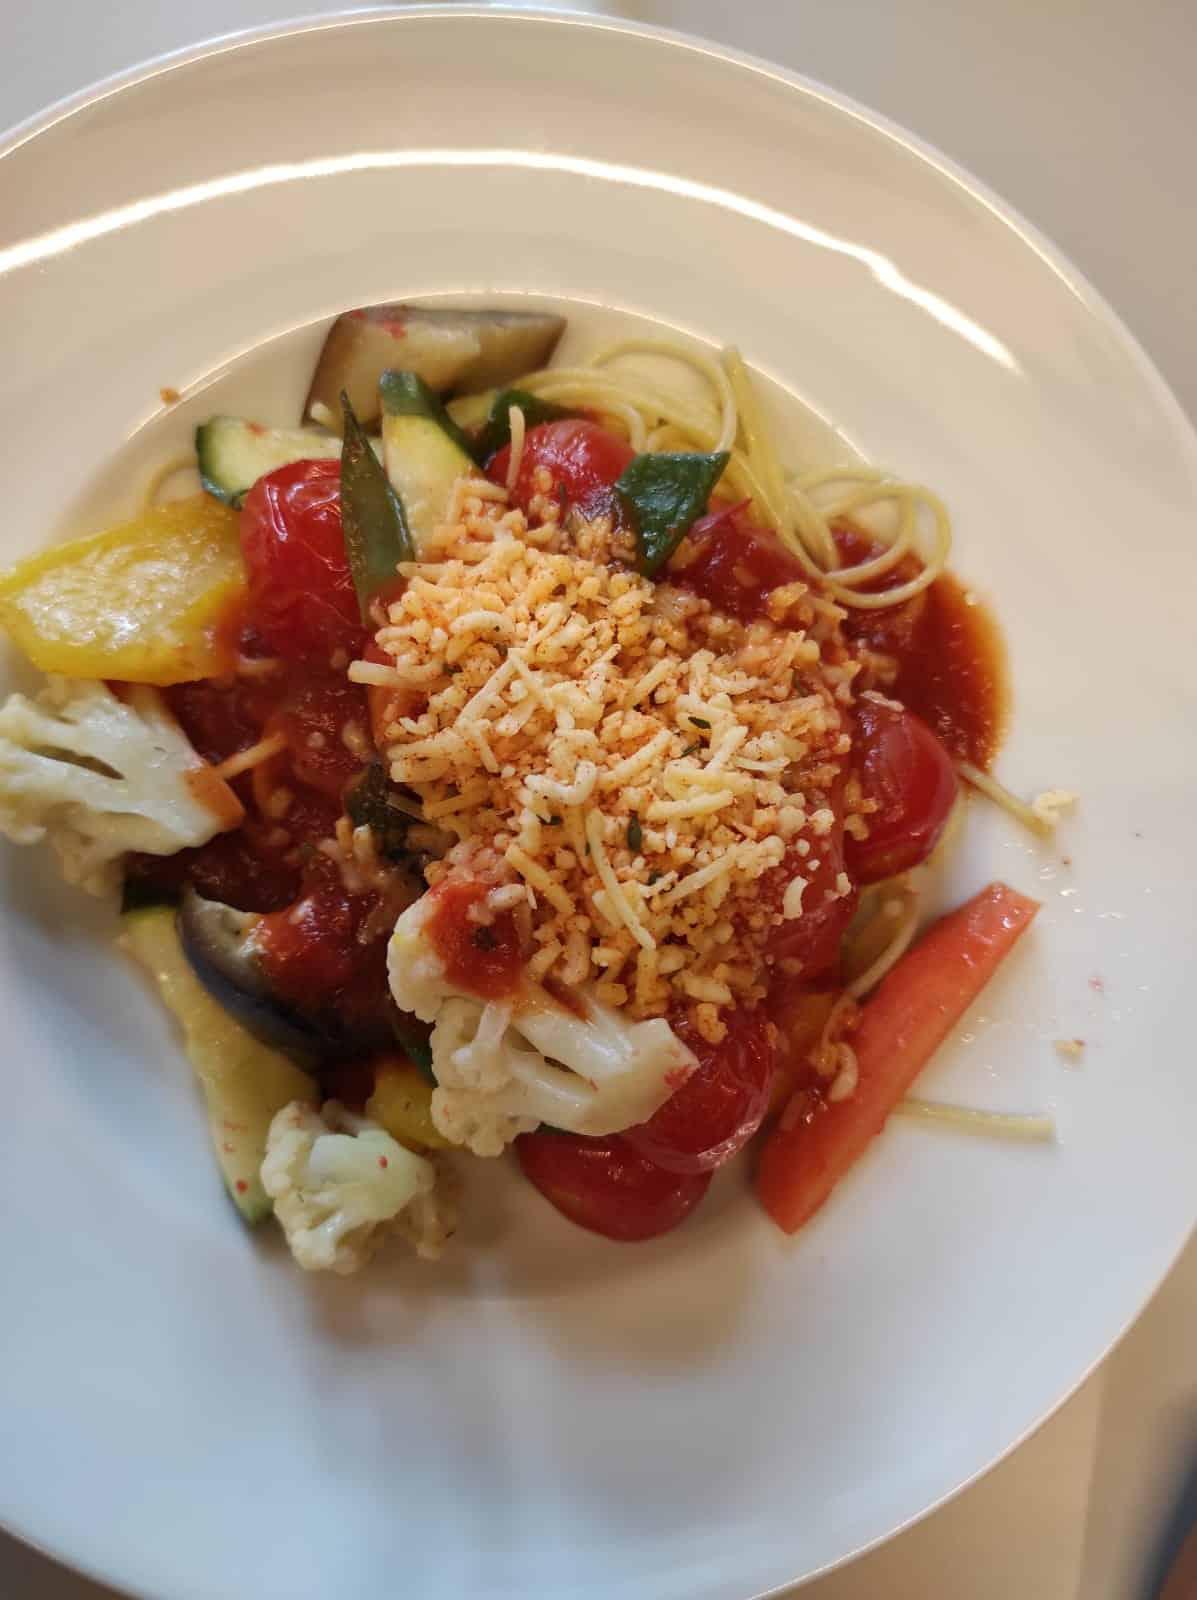 #5 Zum Mittag gibt es heute (nur einmal die Woche!) Nudeln mit Gemüse. Ich mag das.